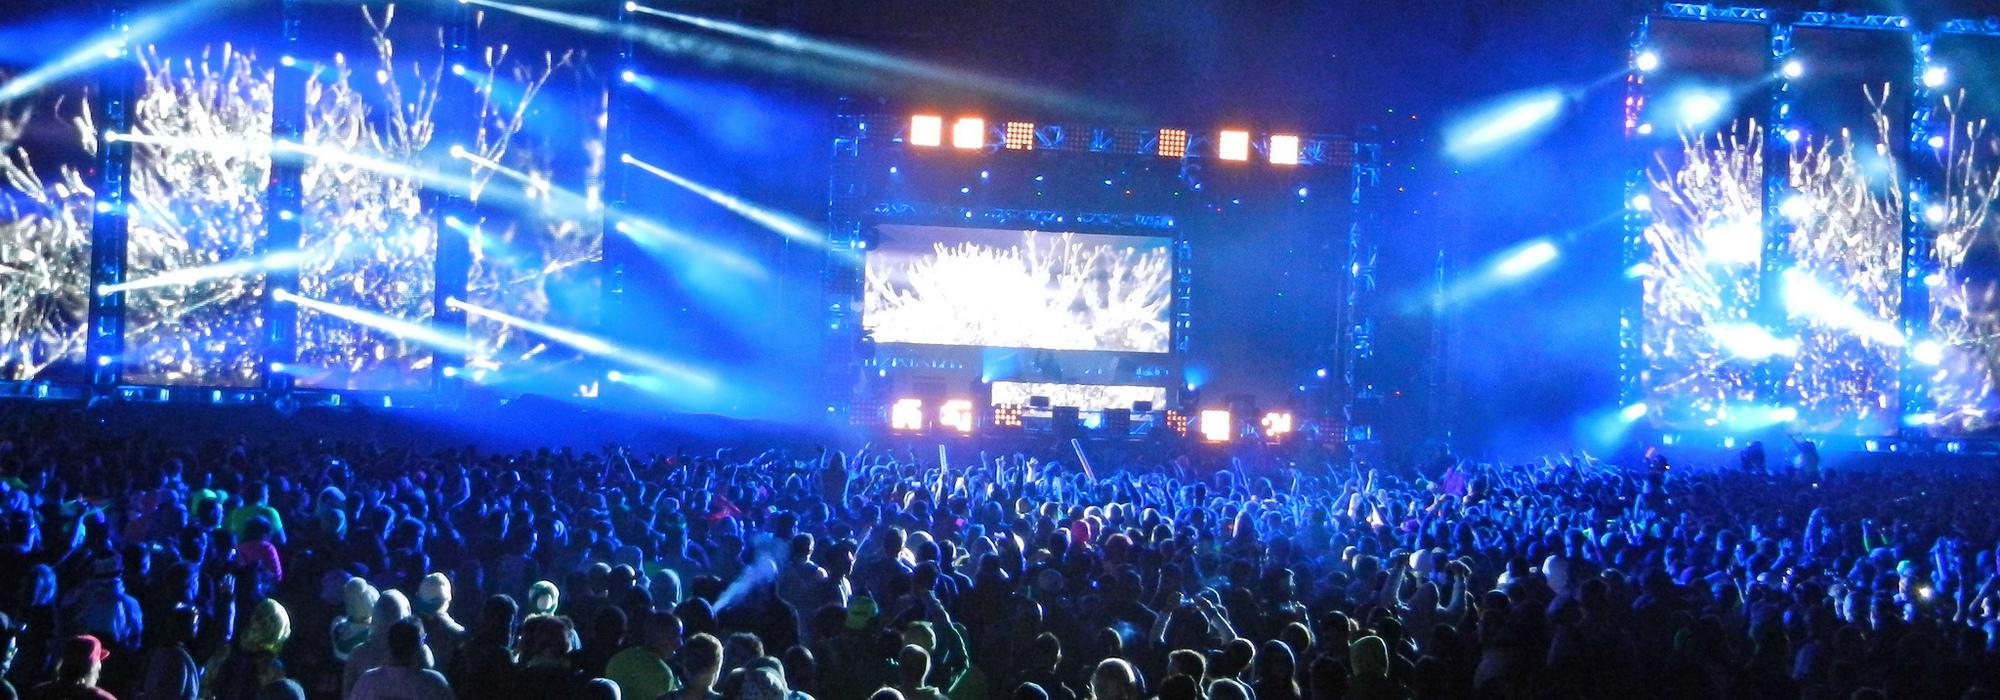 A Reggae Rise Up Florida live event